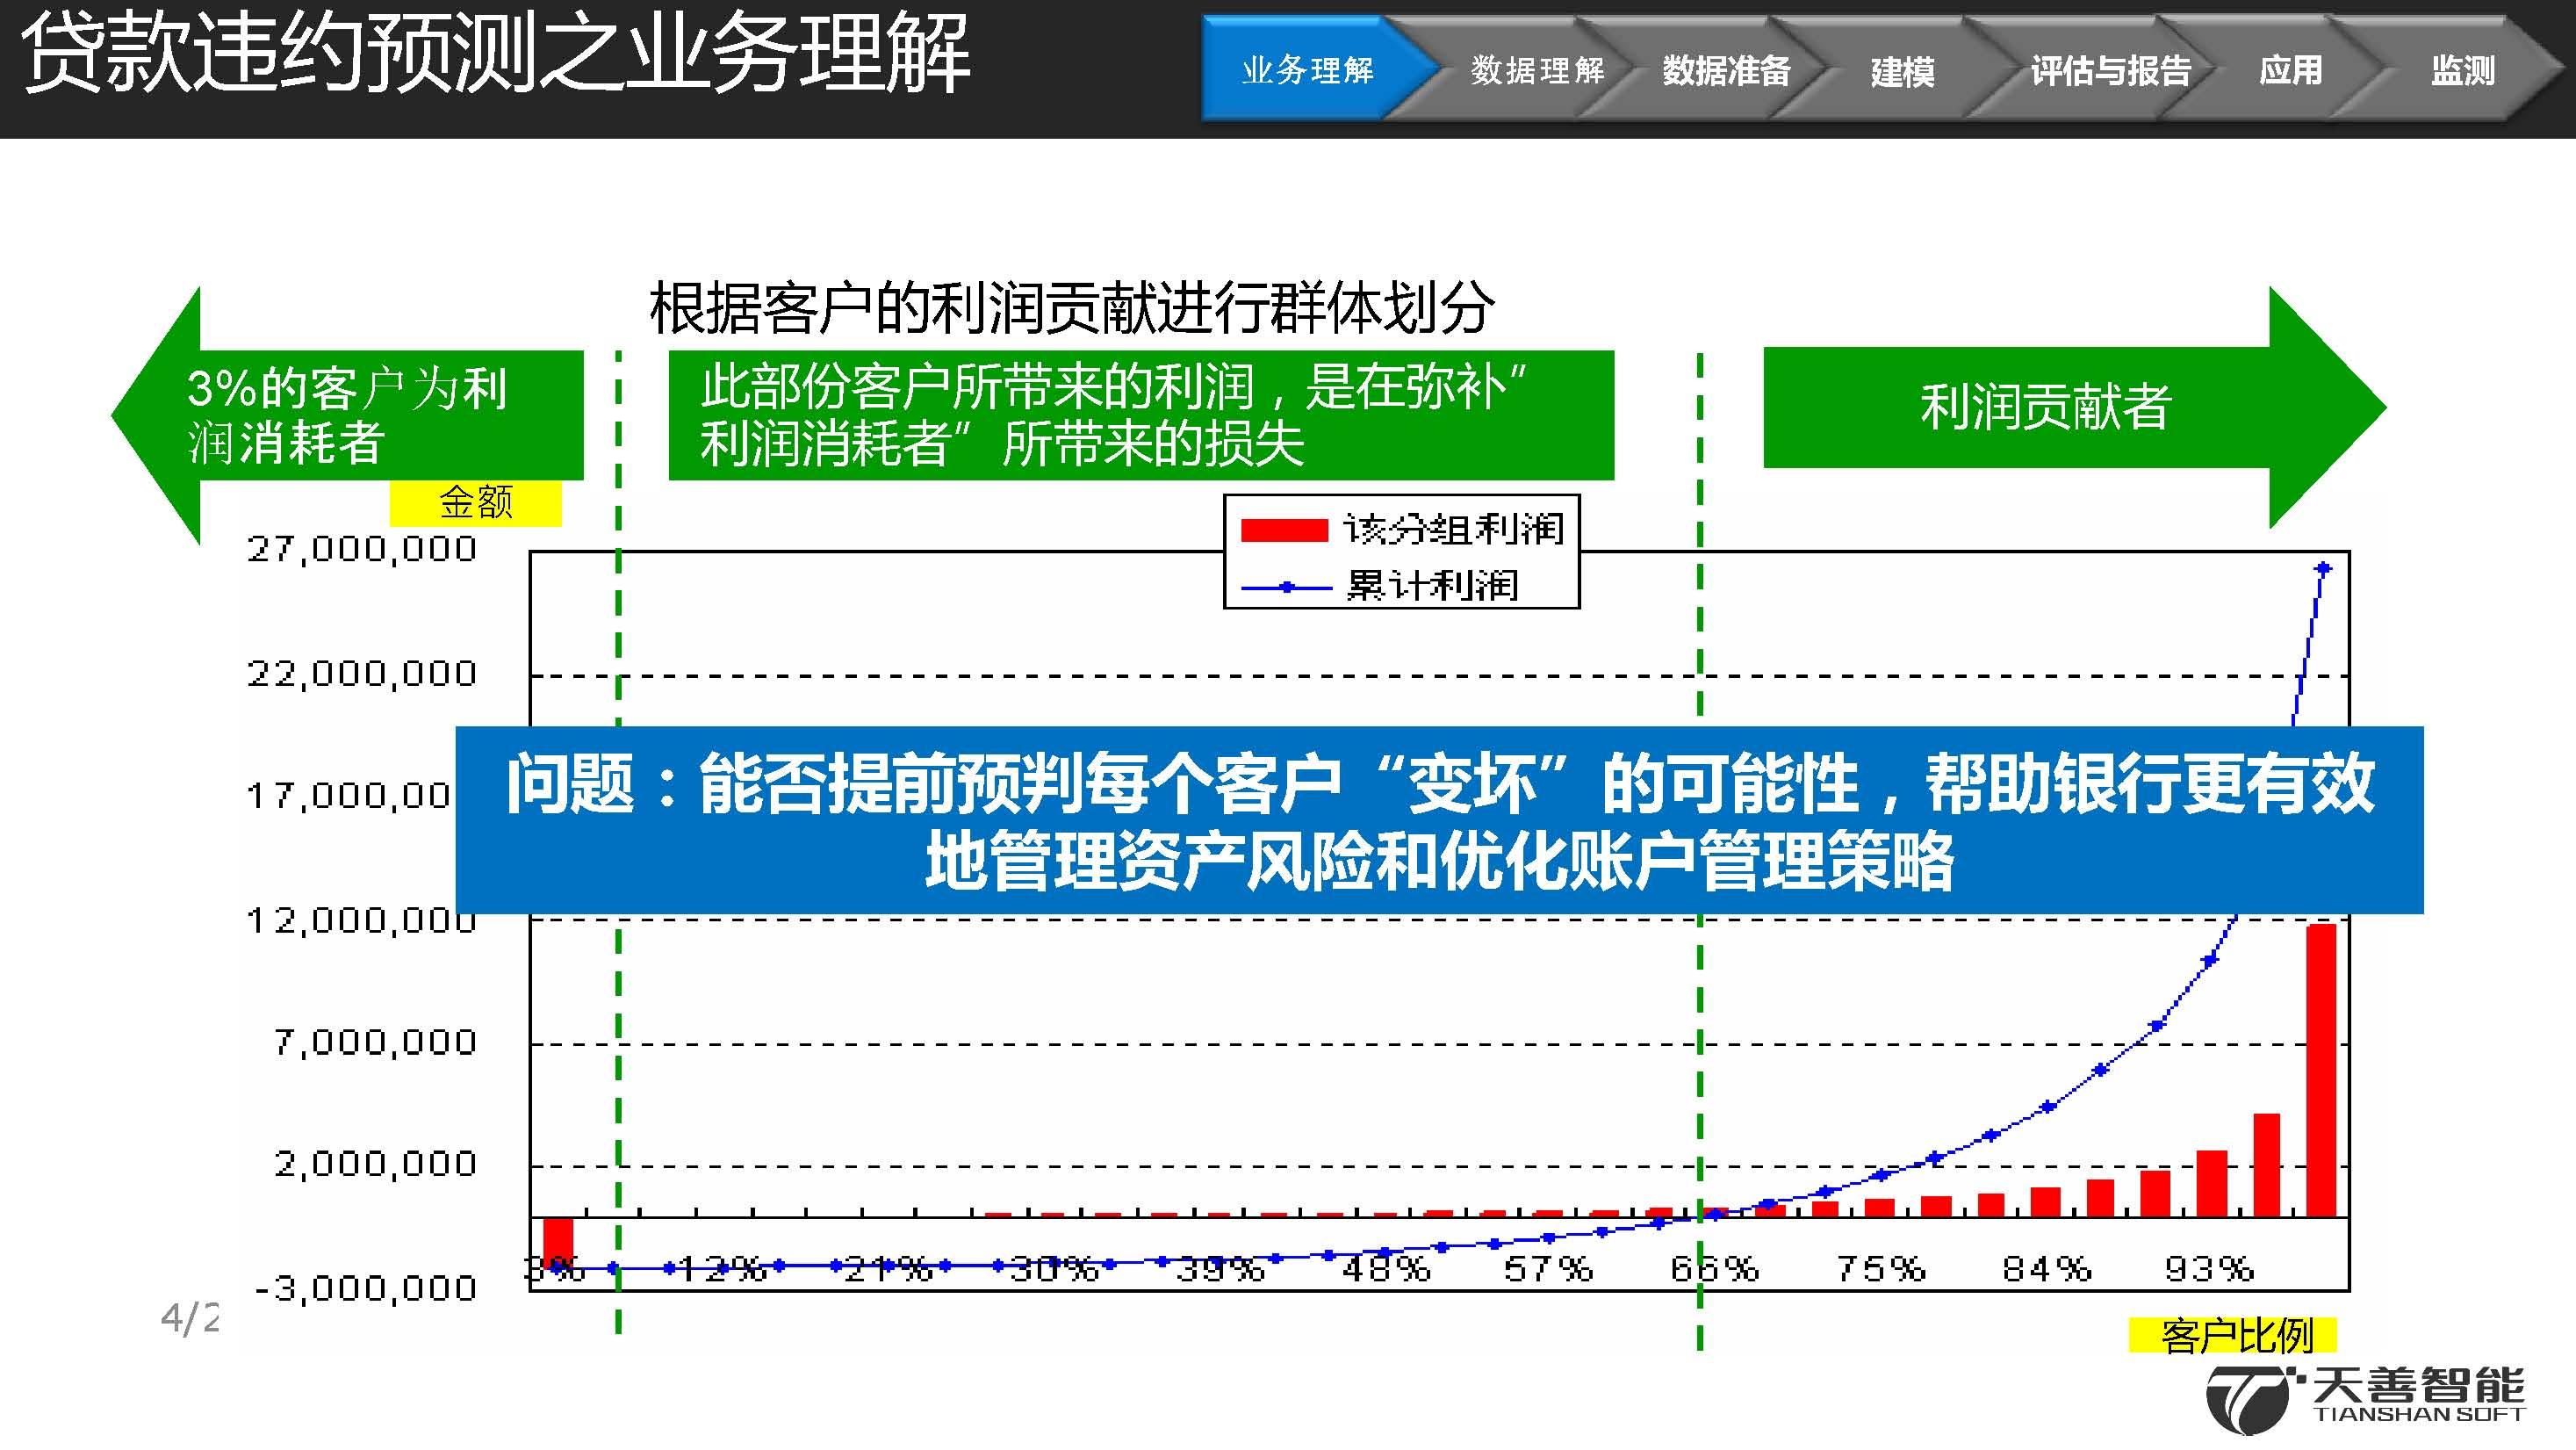 2汽车金融信用违约预测模型案例_页面_05.jpg